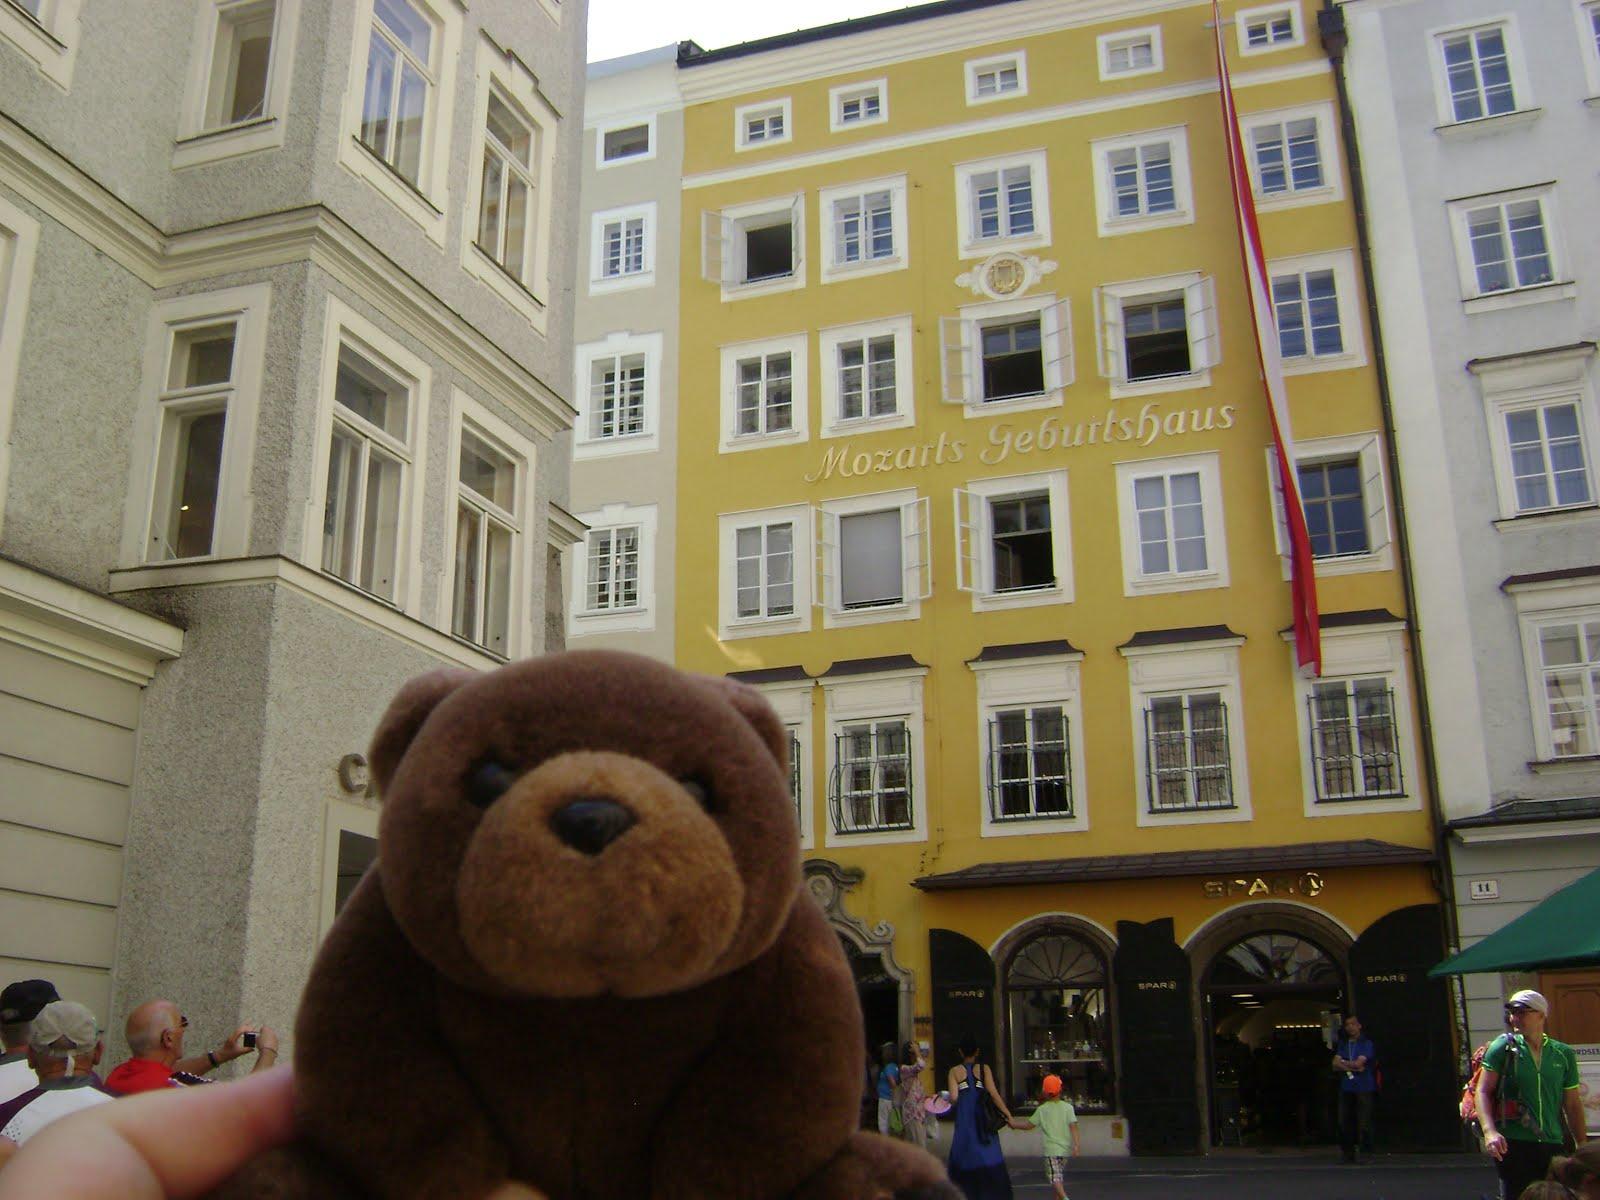 Teddy Bear in Salzburg, Austria